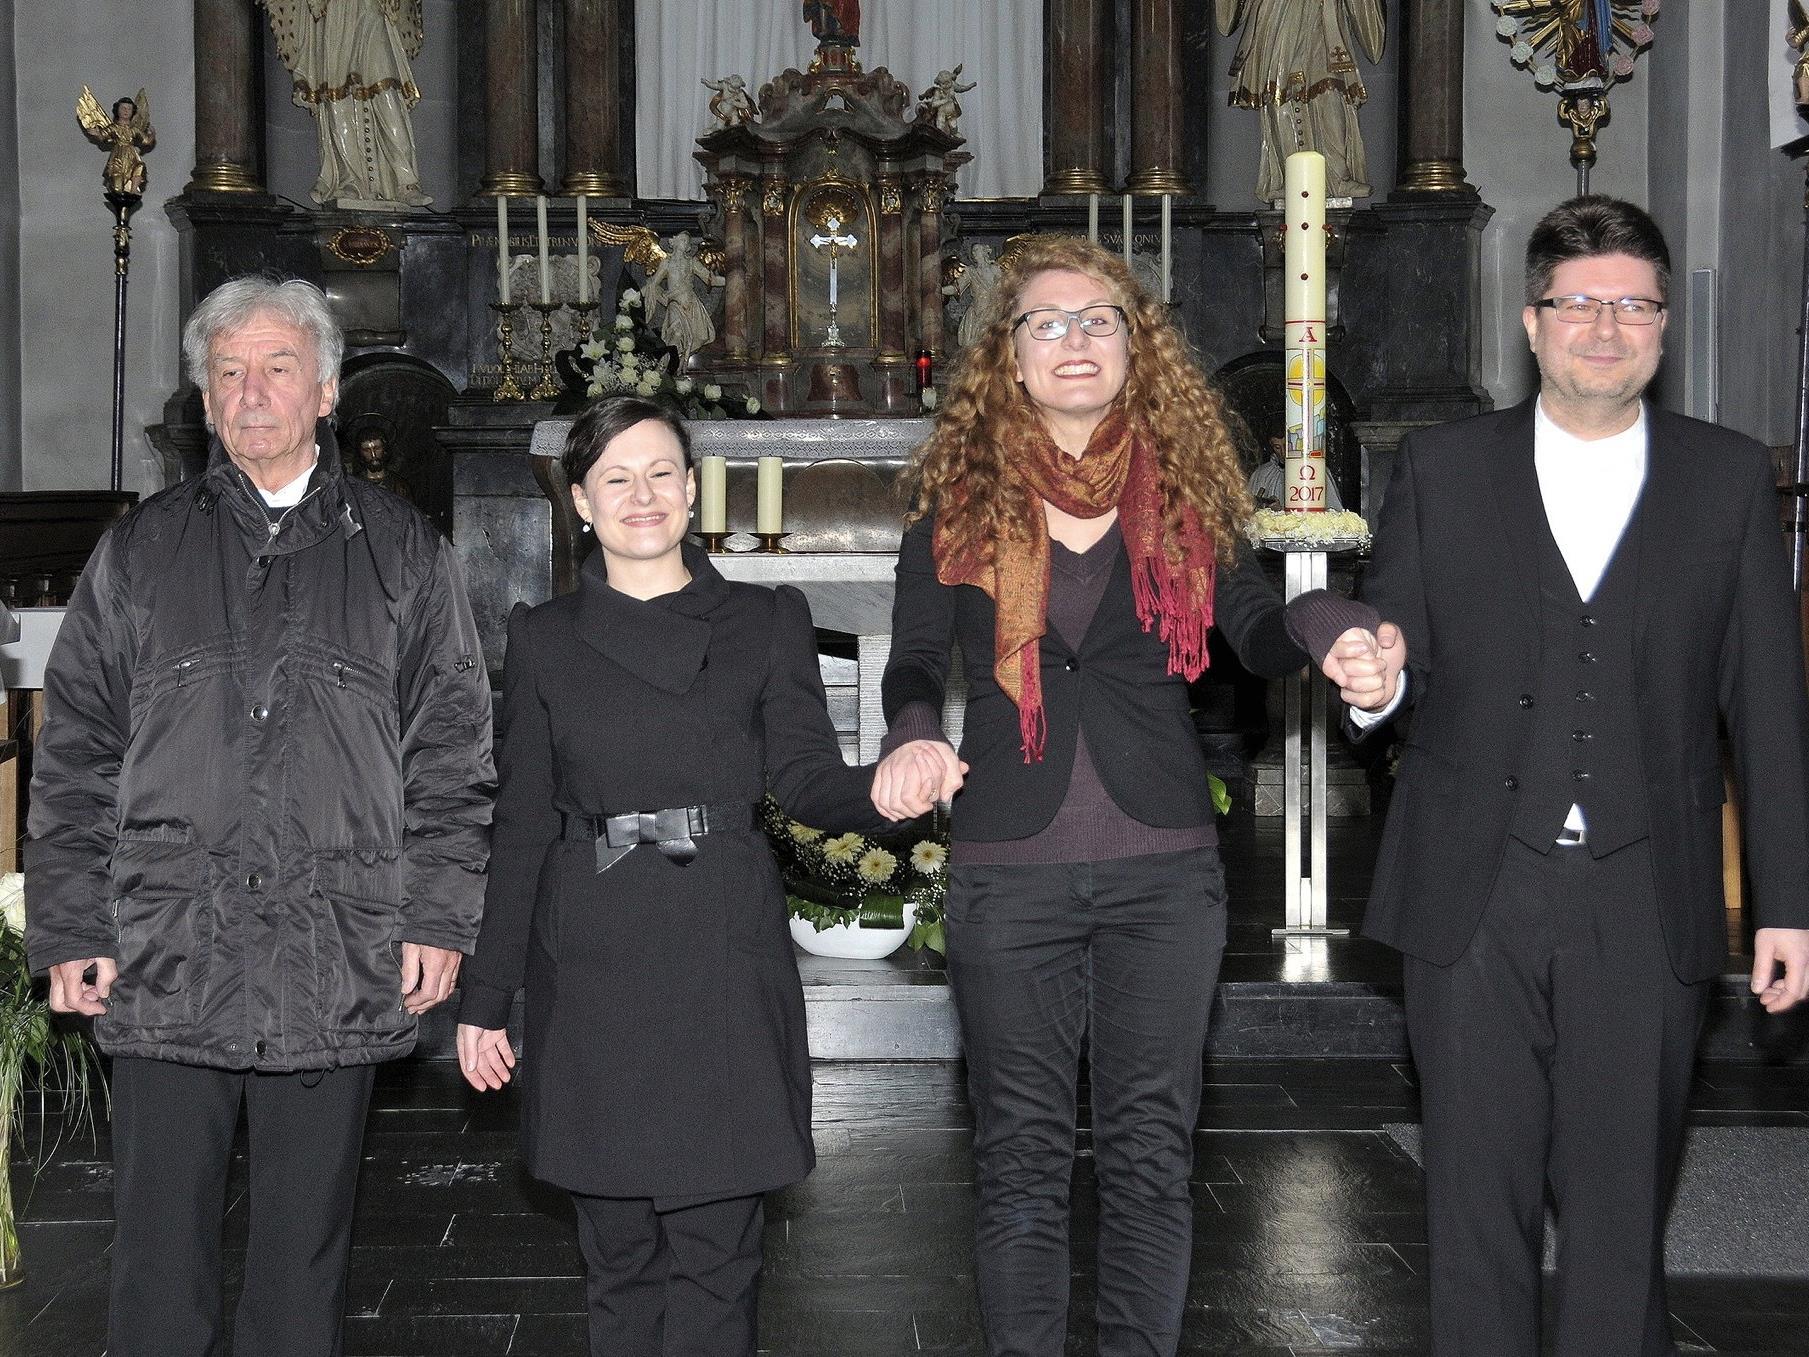 Feierliches Eröffnungskonzert der Bludescher Orgelkonzerte 2017